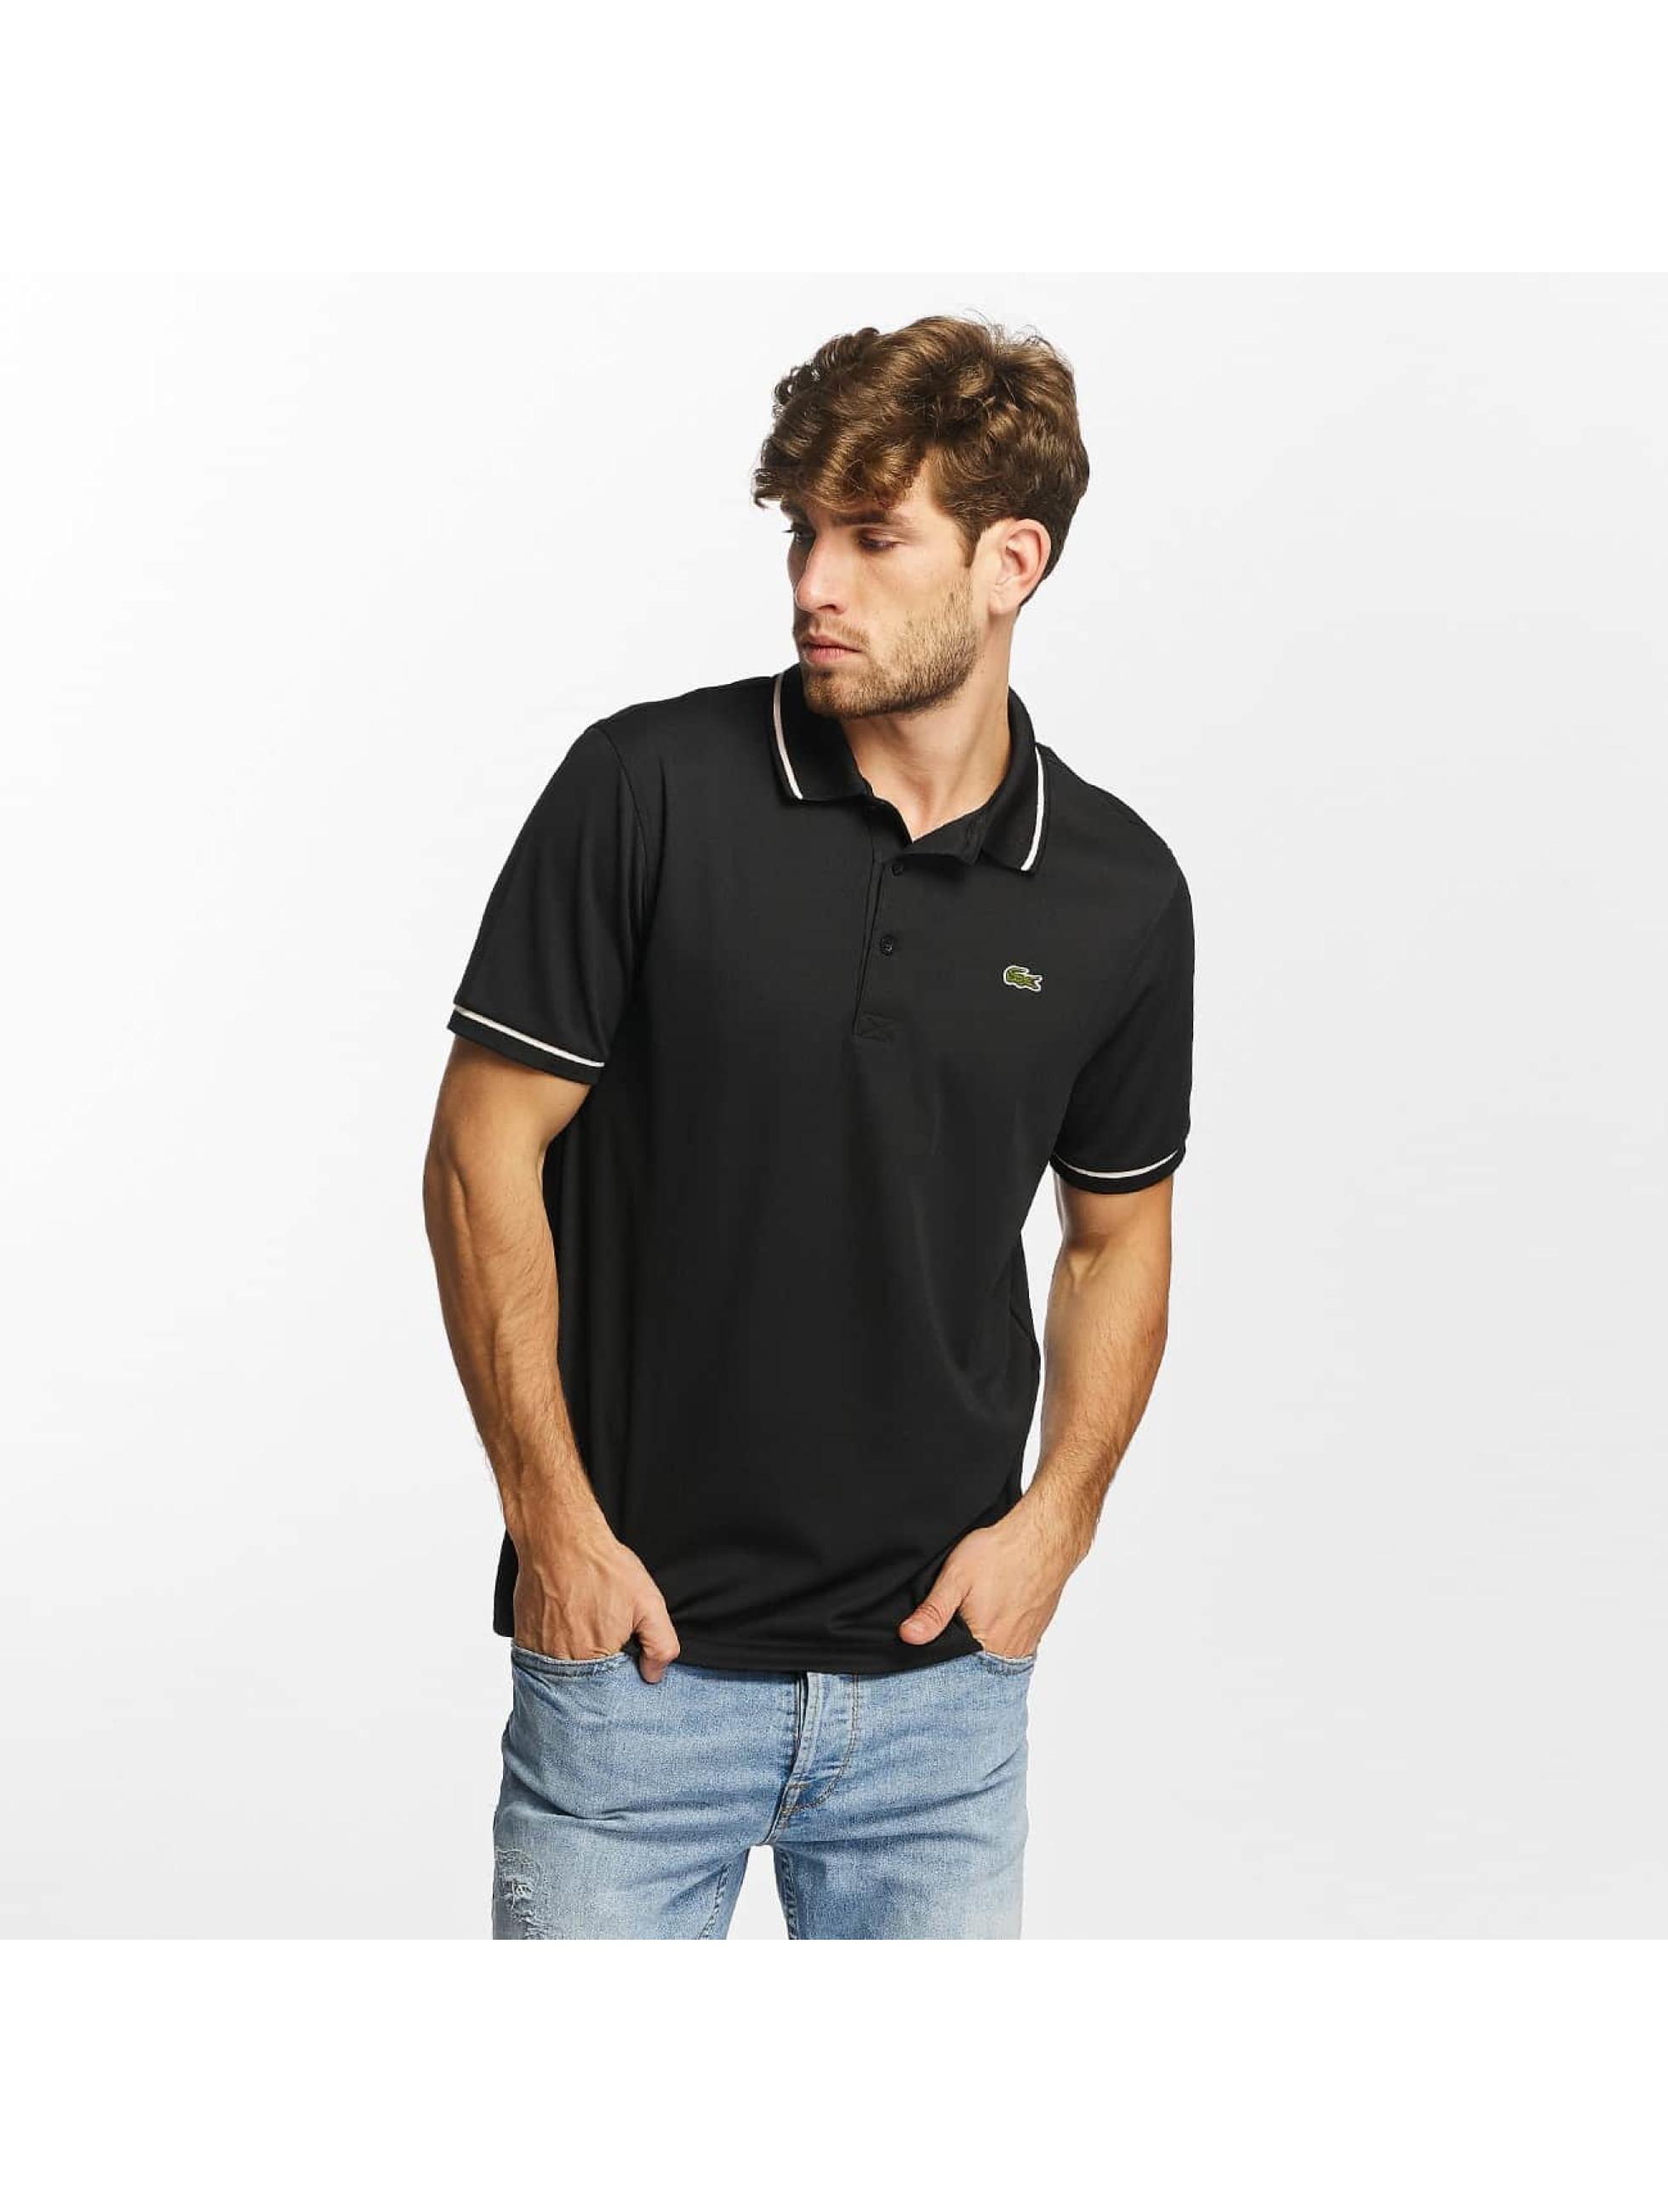 Lacoste Poloskjorter Short Sleeved Ribbed Collar svart